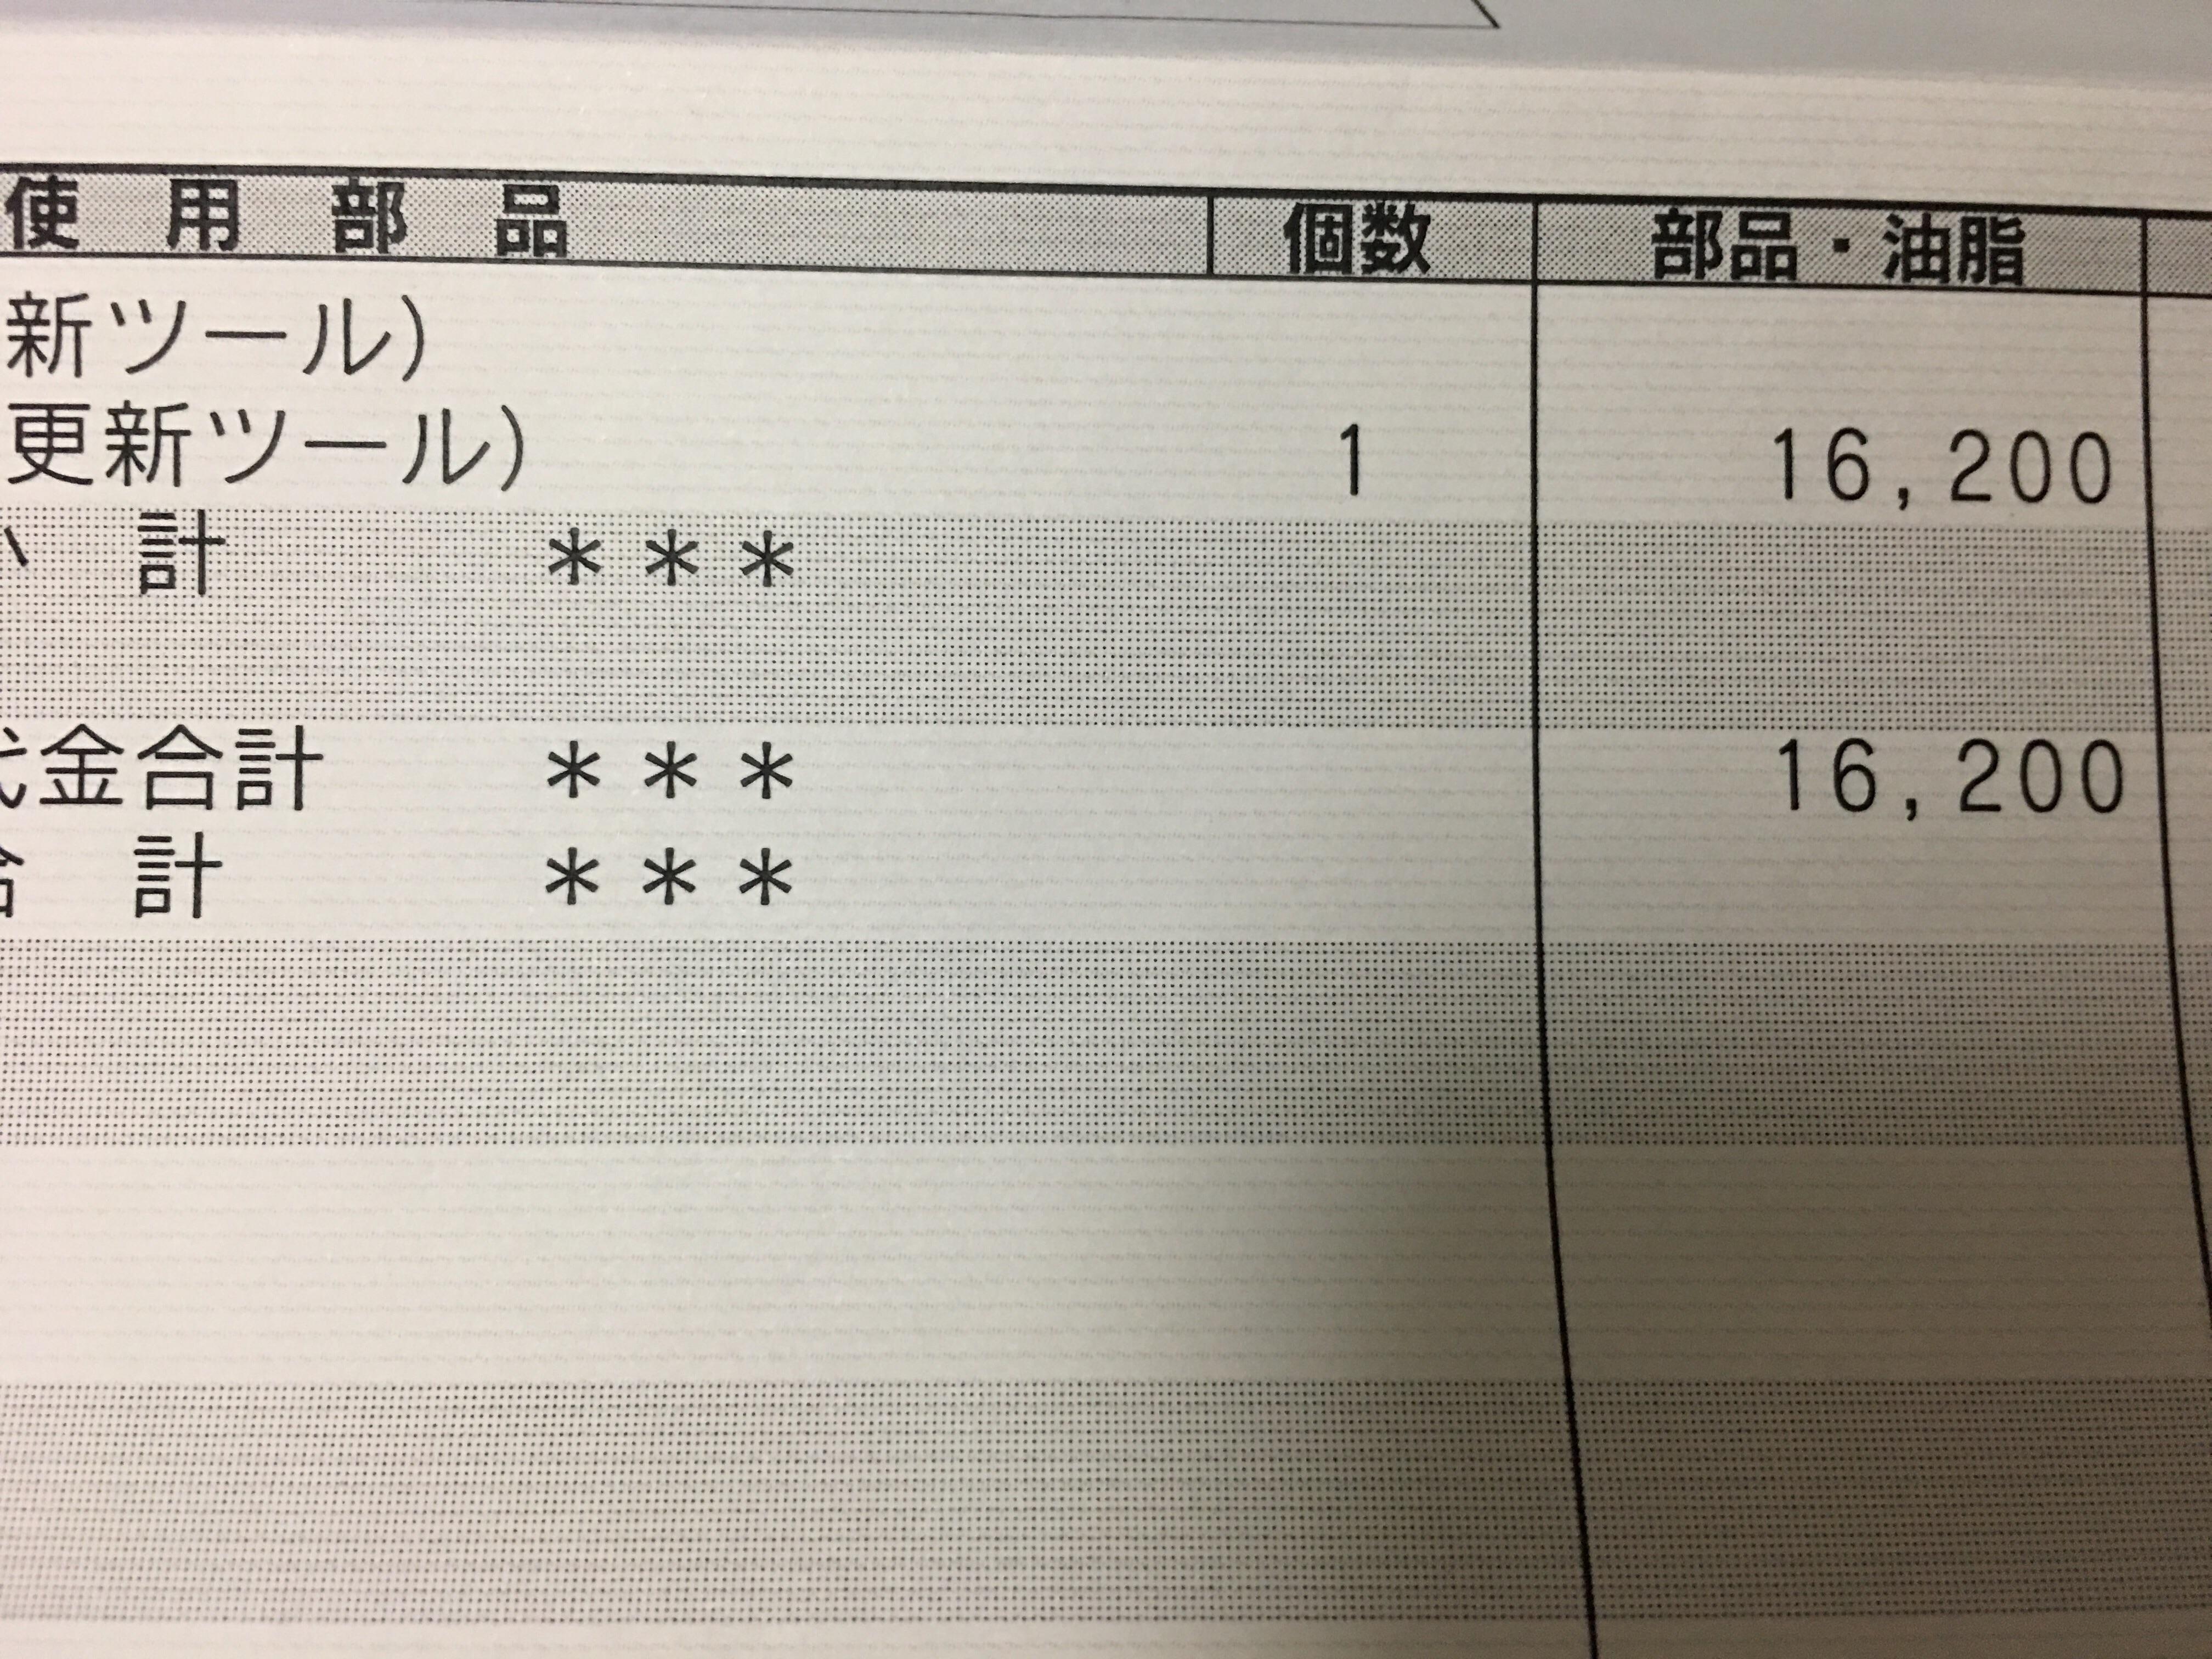 f:id:SeisoSakuya:20190602200910j:image